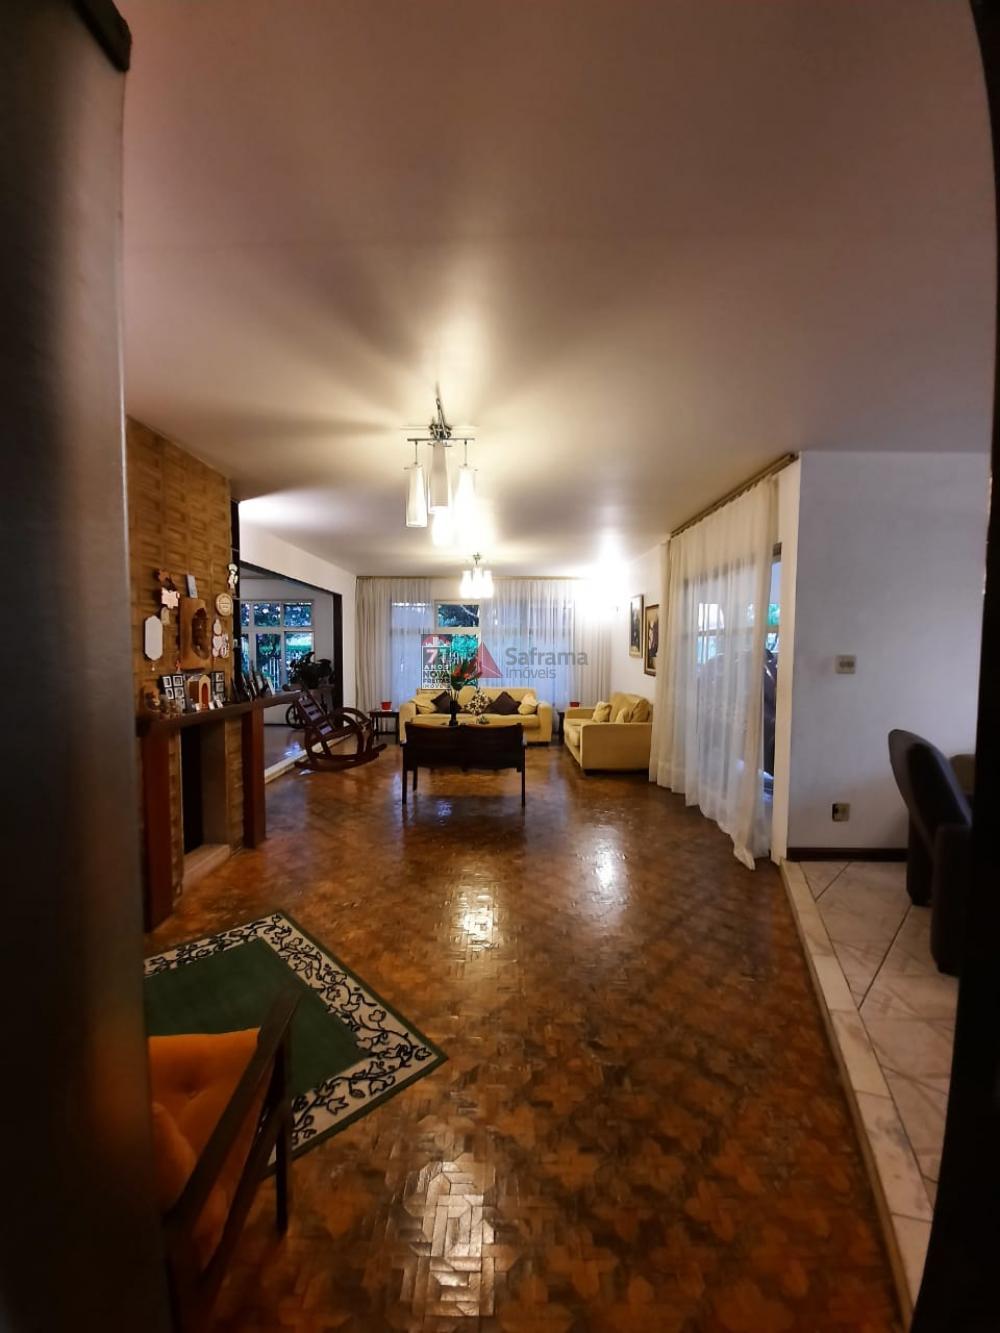 Comprar Casa / Condomínio em São José dos Campos apenas R$ 1.800.000,00 - Foto 6